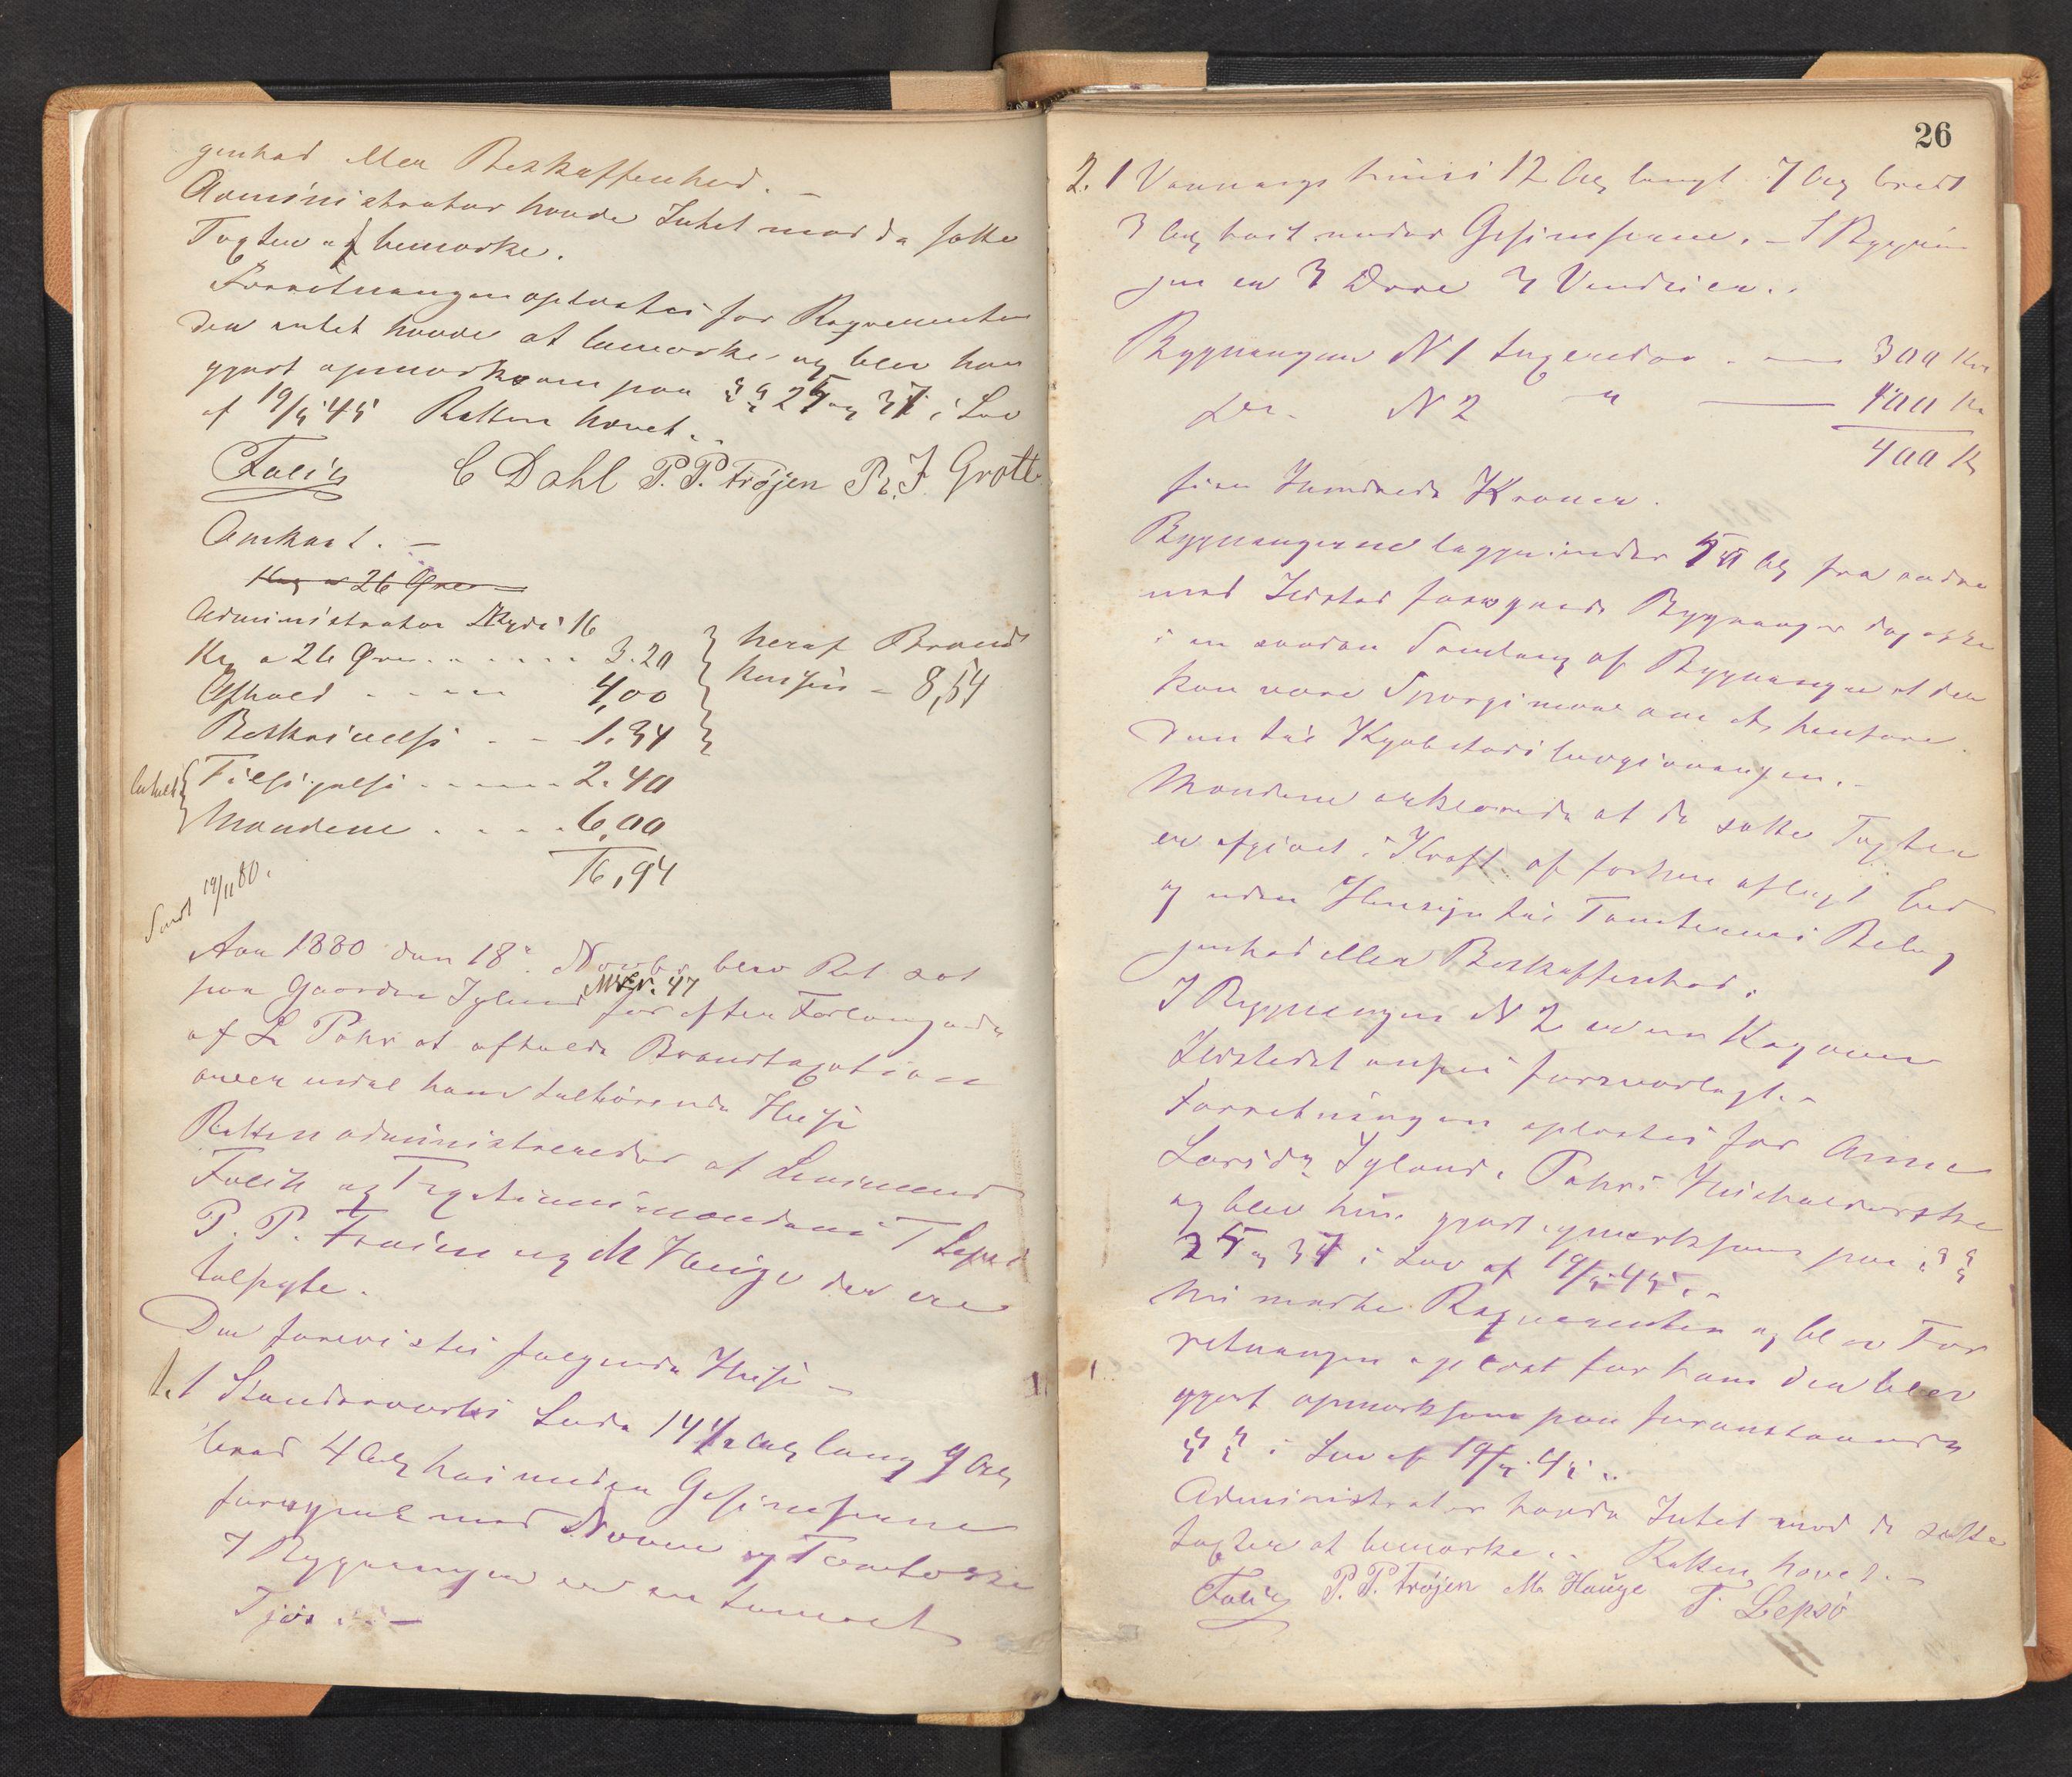 SAB, Lensmannen i Bremanger, 0012/L0002: Branntakstprotokoll, 1879-1947, s. 25b-26a